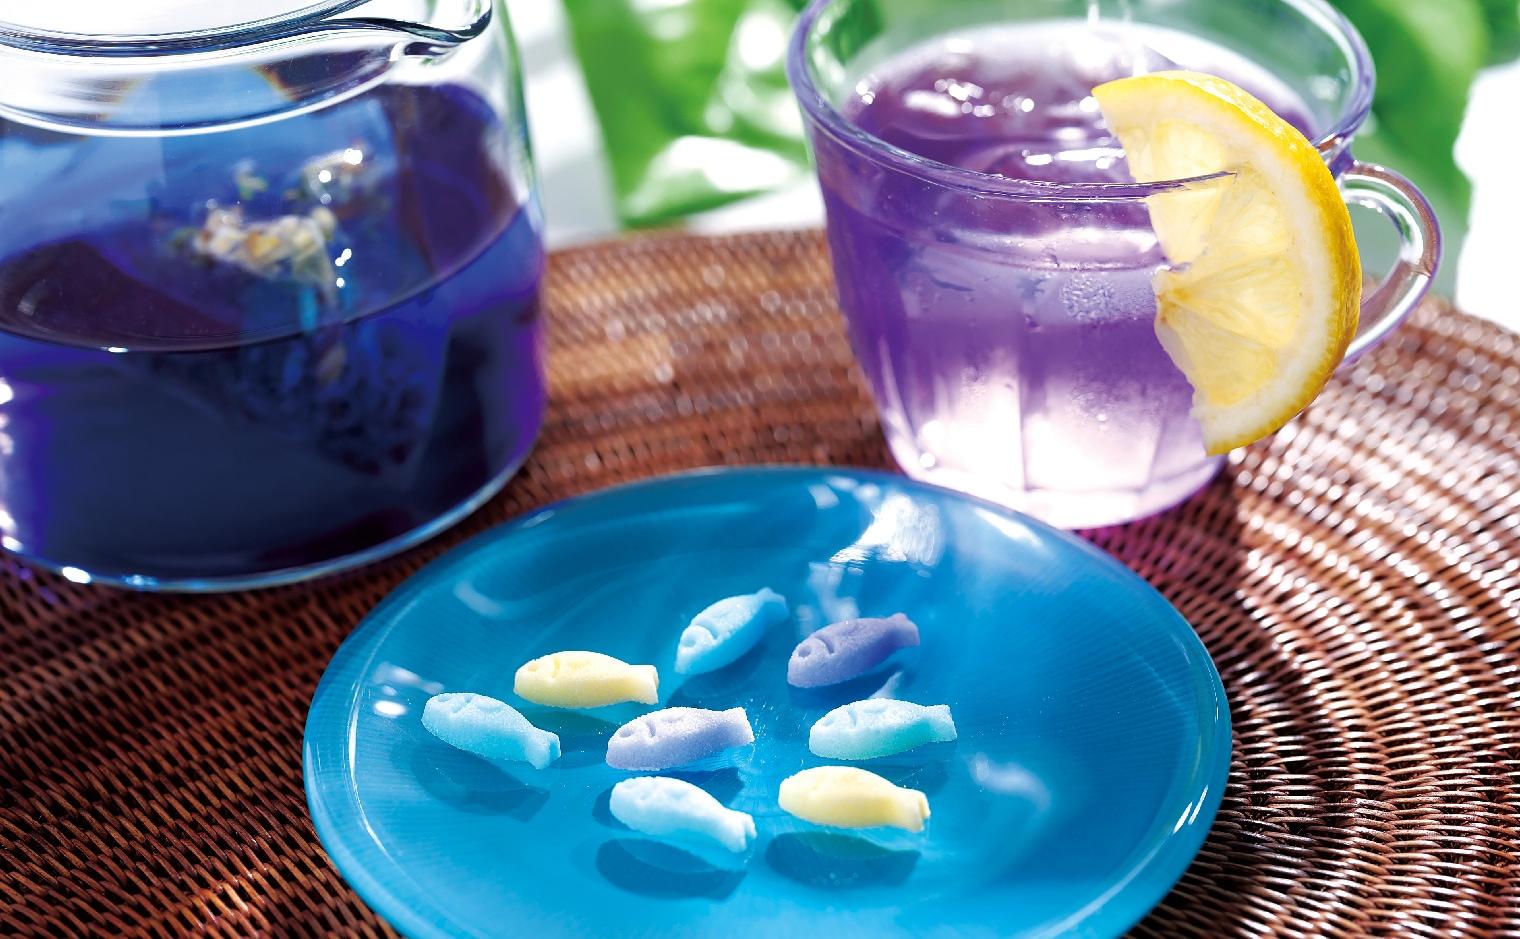 デザインシュガー,物語のある砂糖,かわいい,可愛い,角砂糖,アクアリウム,魚,fish